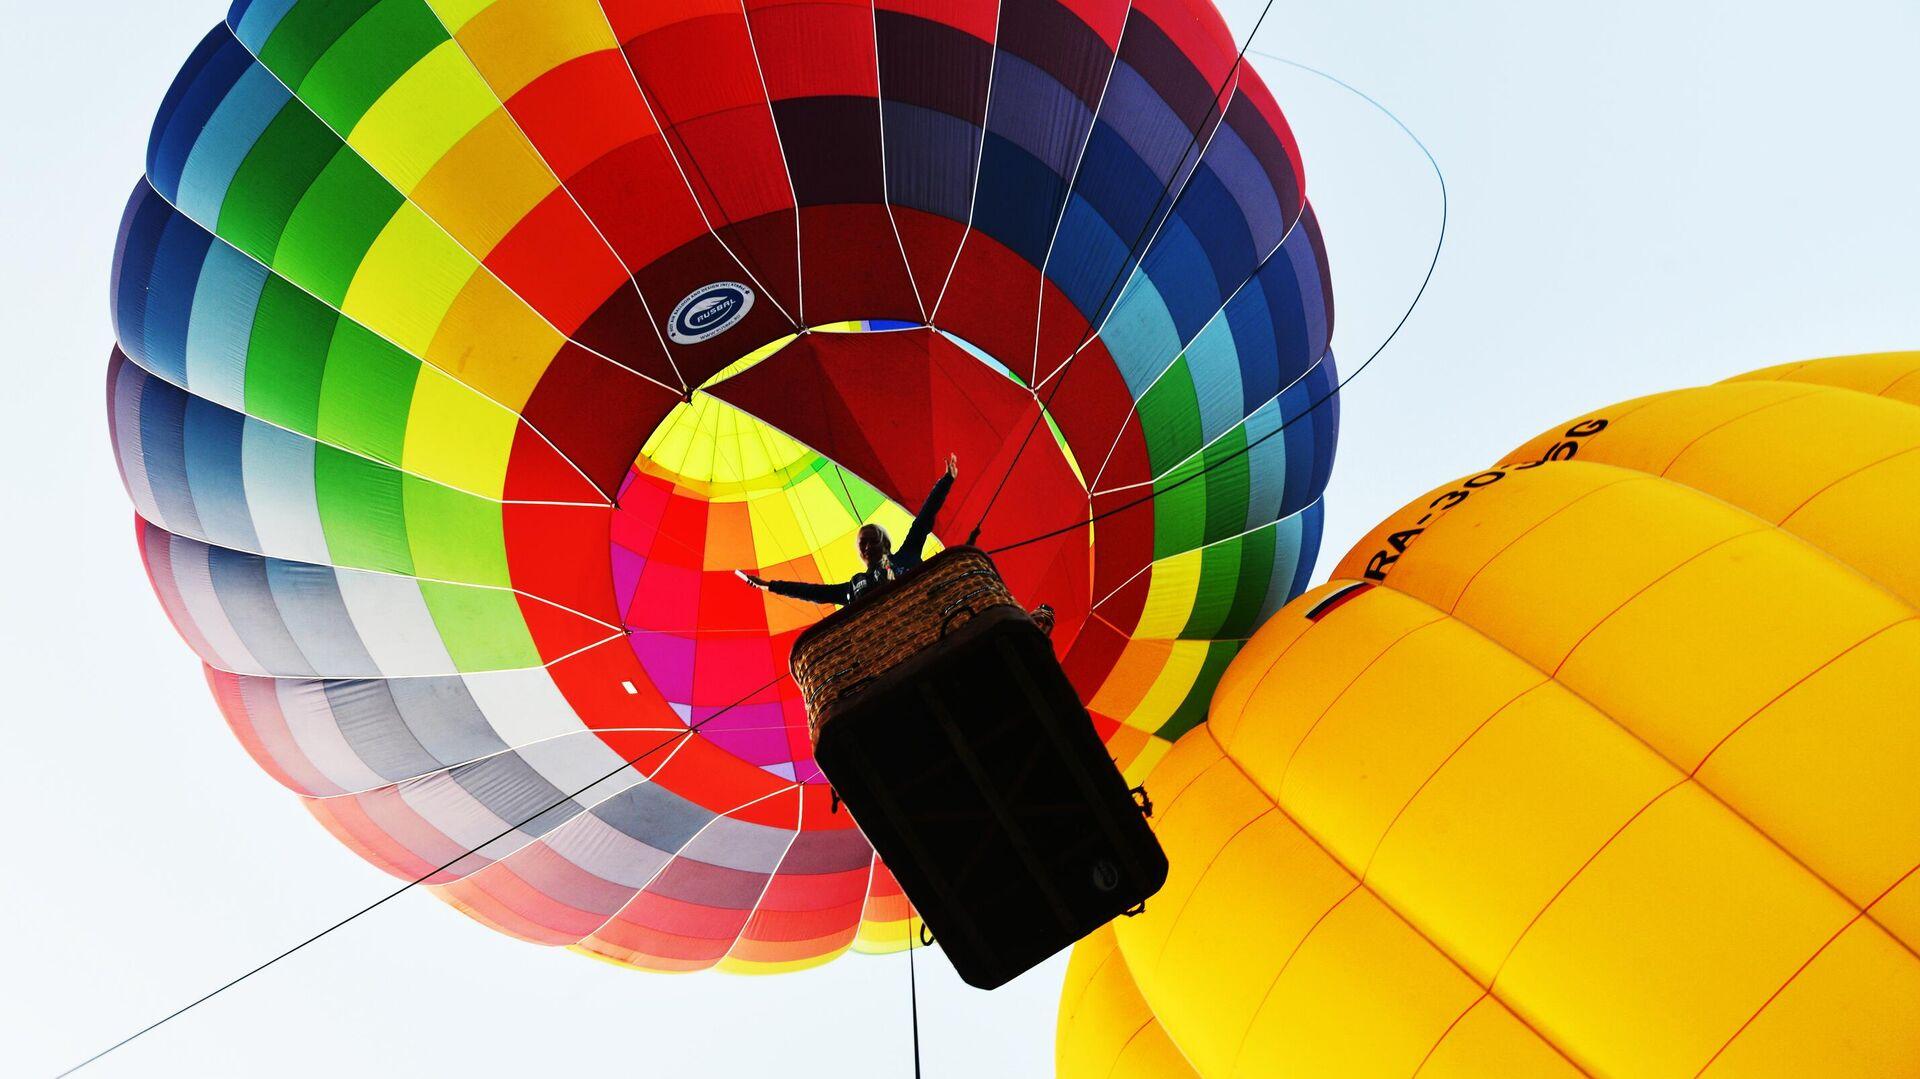 В Сочи воздушный шар с людьми упал в море